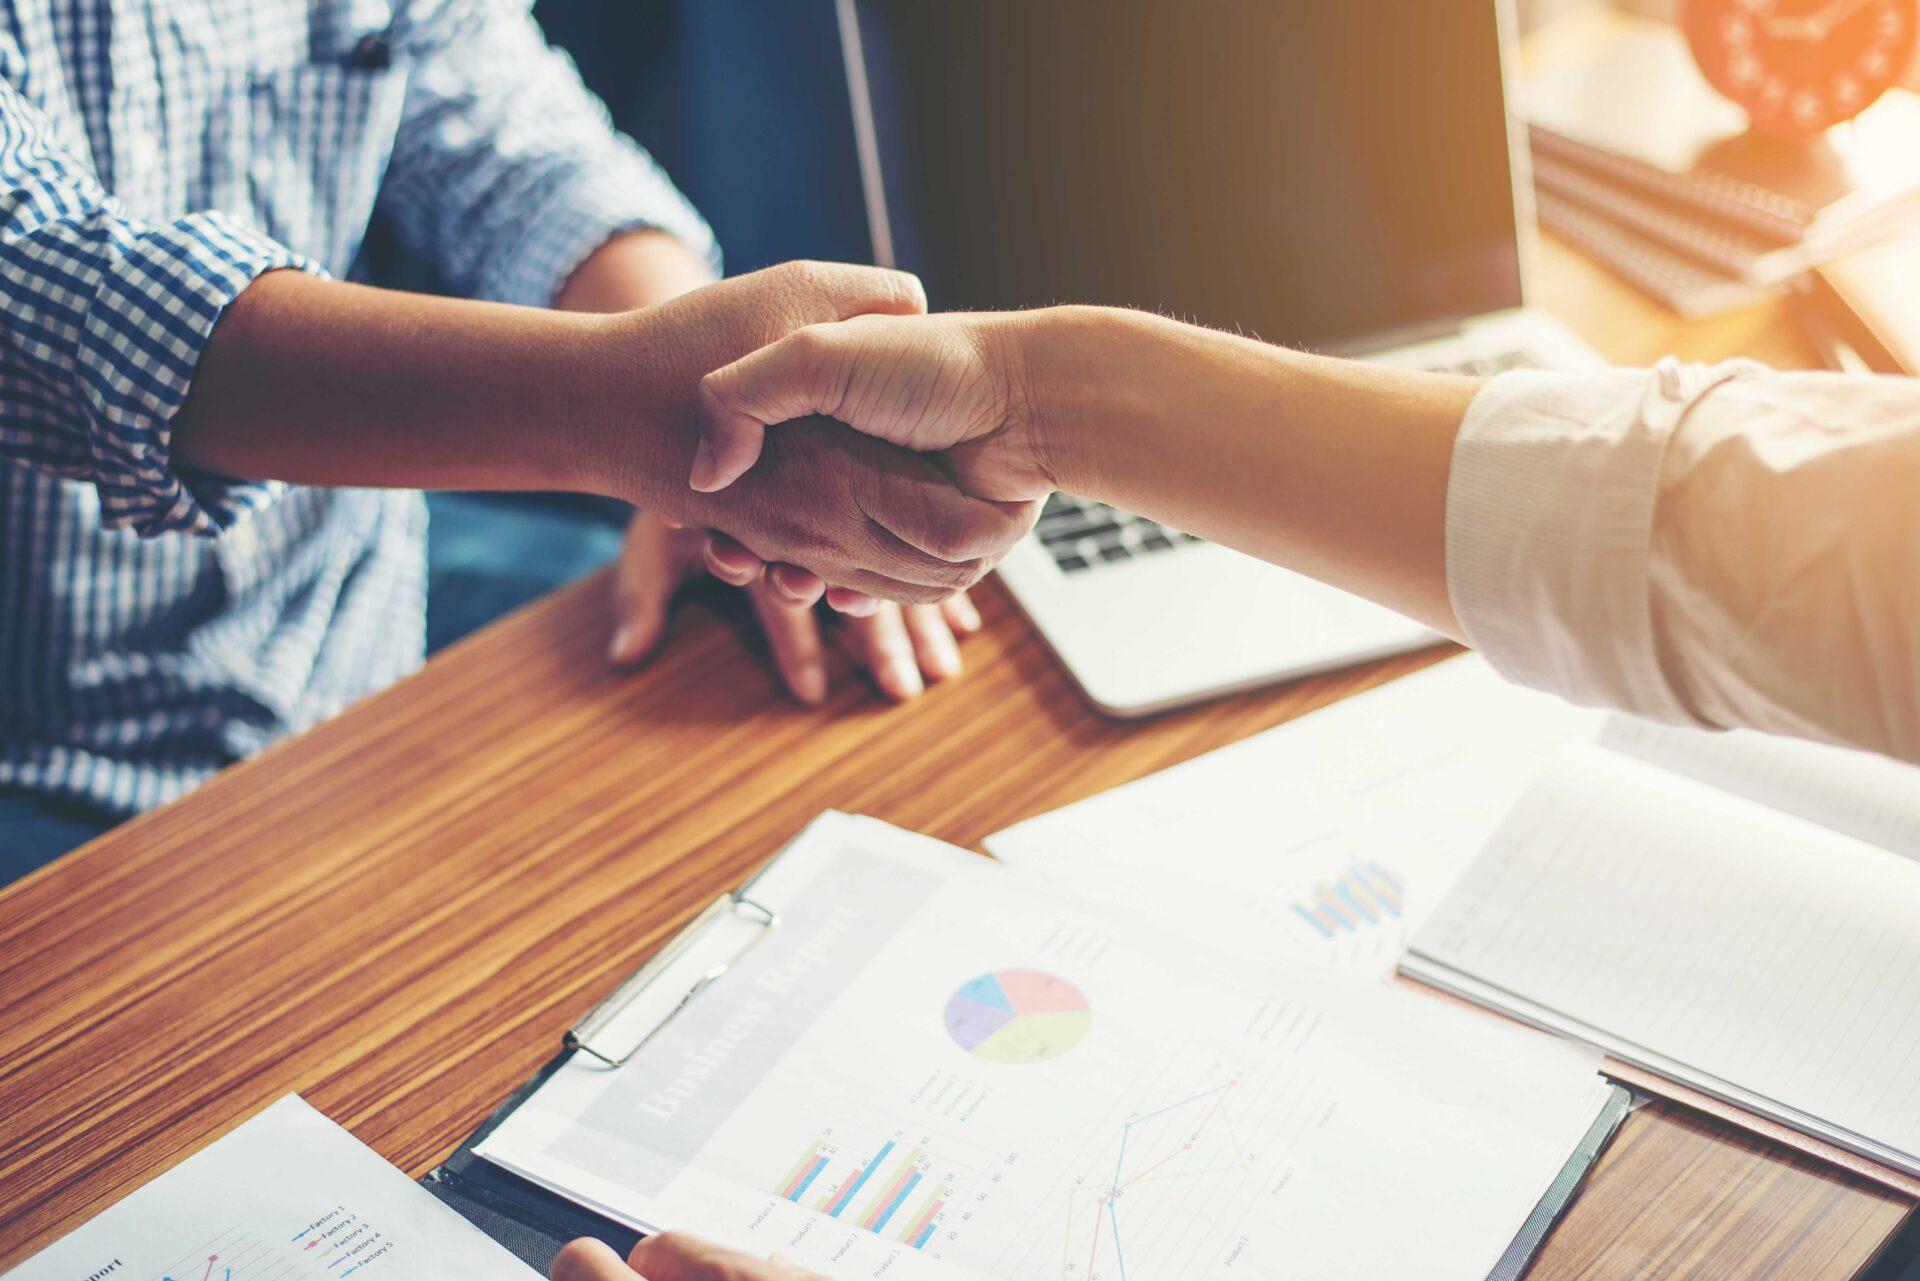 https://www.ccifrance-allemagne.fr/wp-content/uploads/2021/02/handshake_business-scaled.jpg